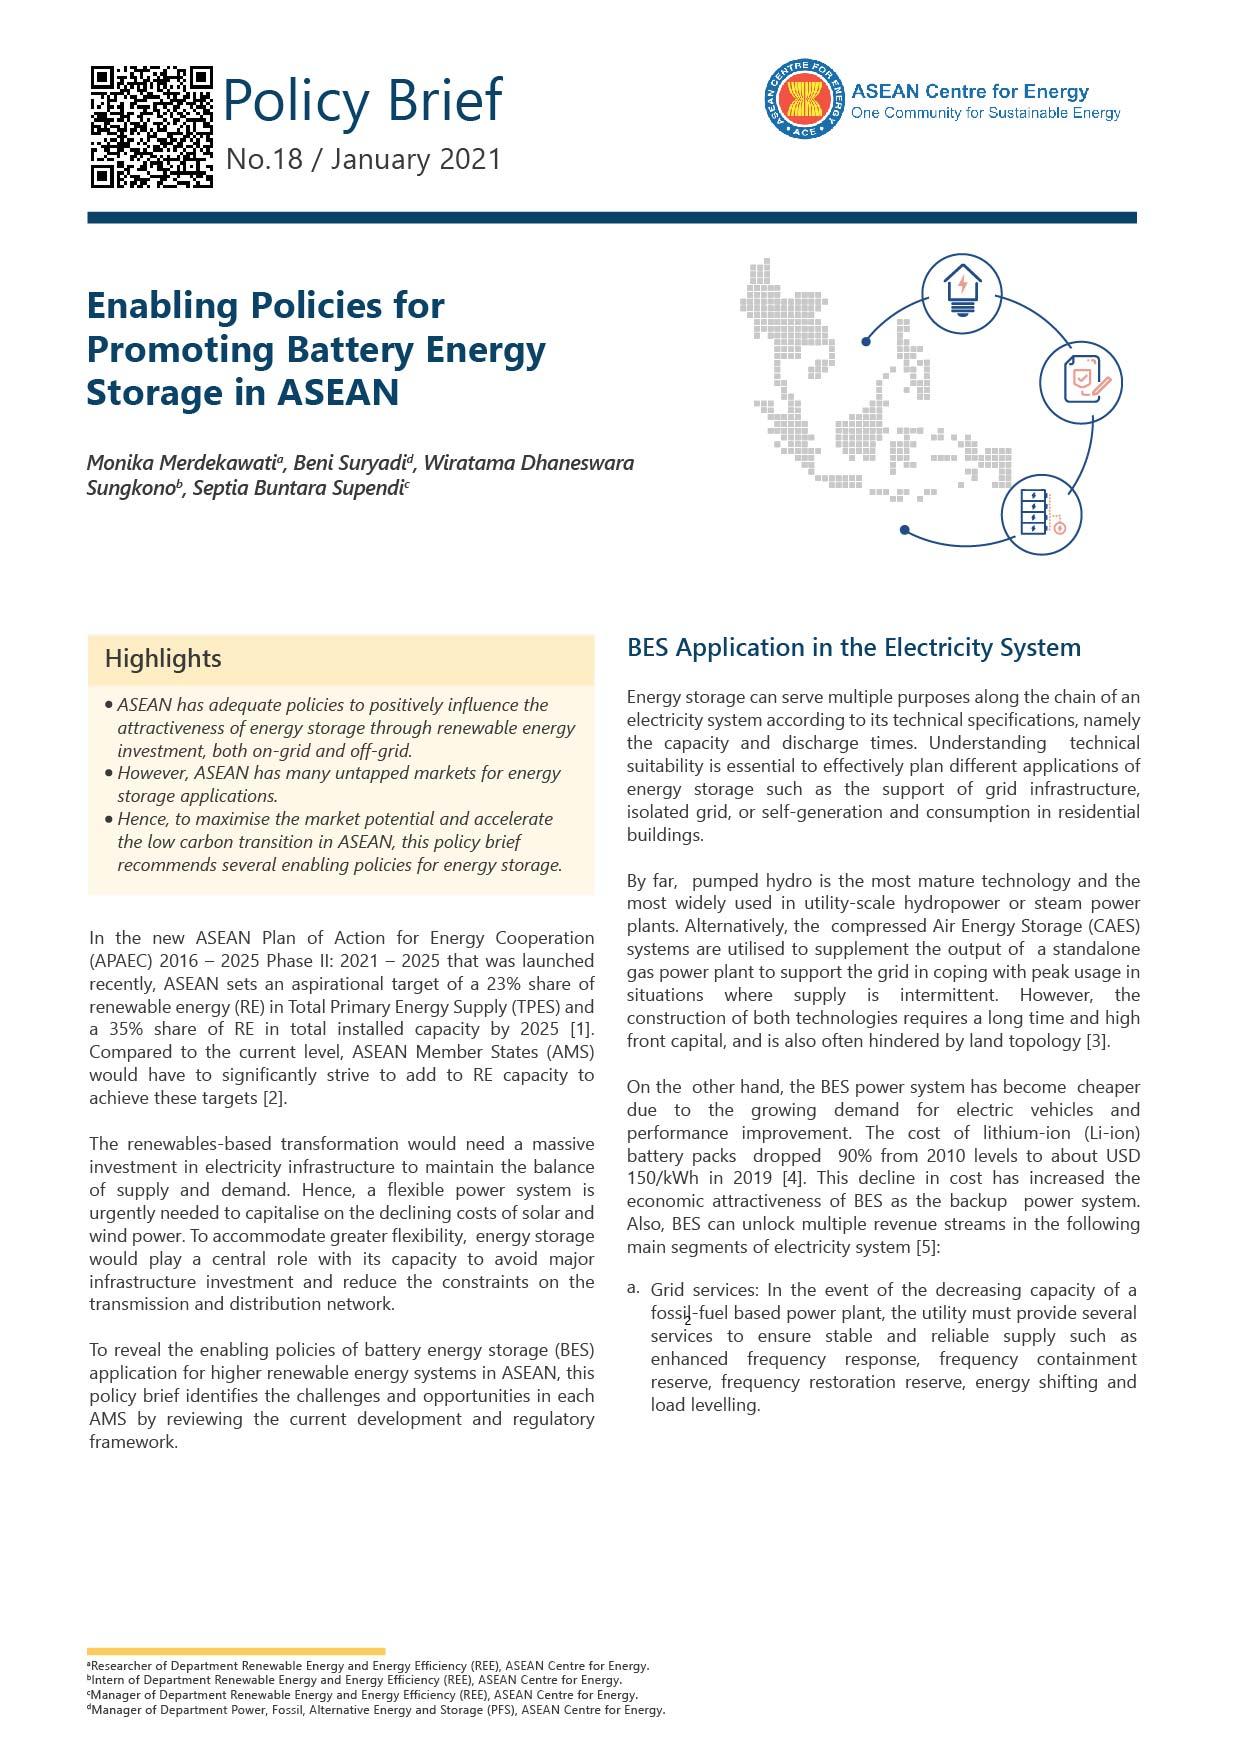 Enabling Policies for Promoting Battery Energy Storage in ASEAN